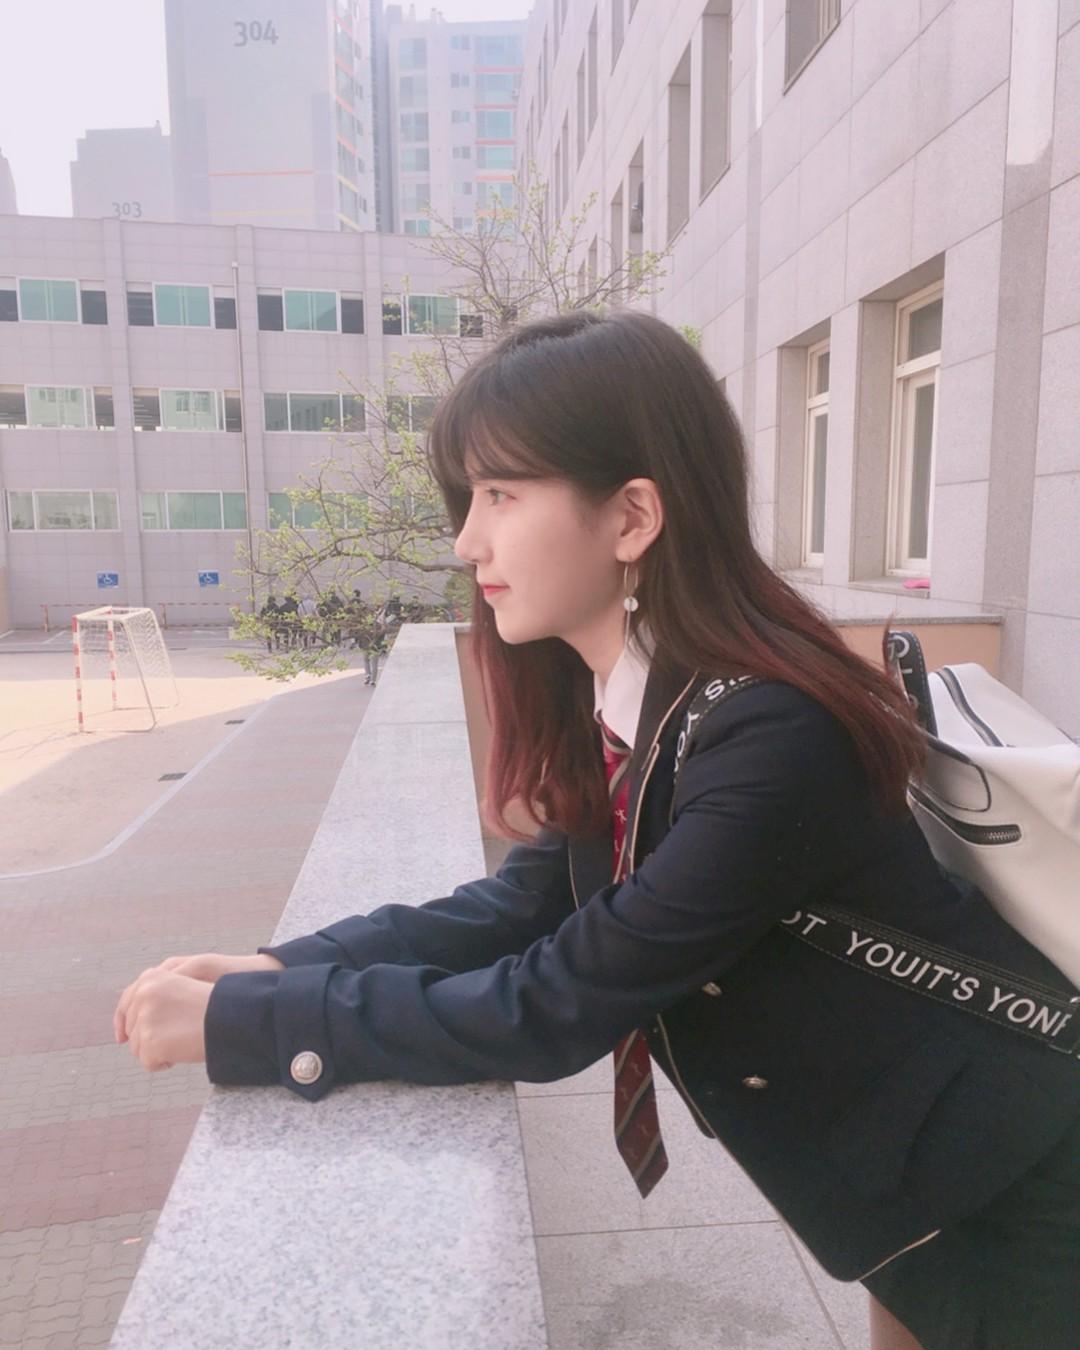 Ngôi trường ở Hàn Quốc này sẽ khiến bạn muốn đăng ký học ngay vì cứ đi 3 bước là gặp trai xinh gái đẹp - Ảnh 10.